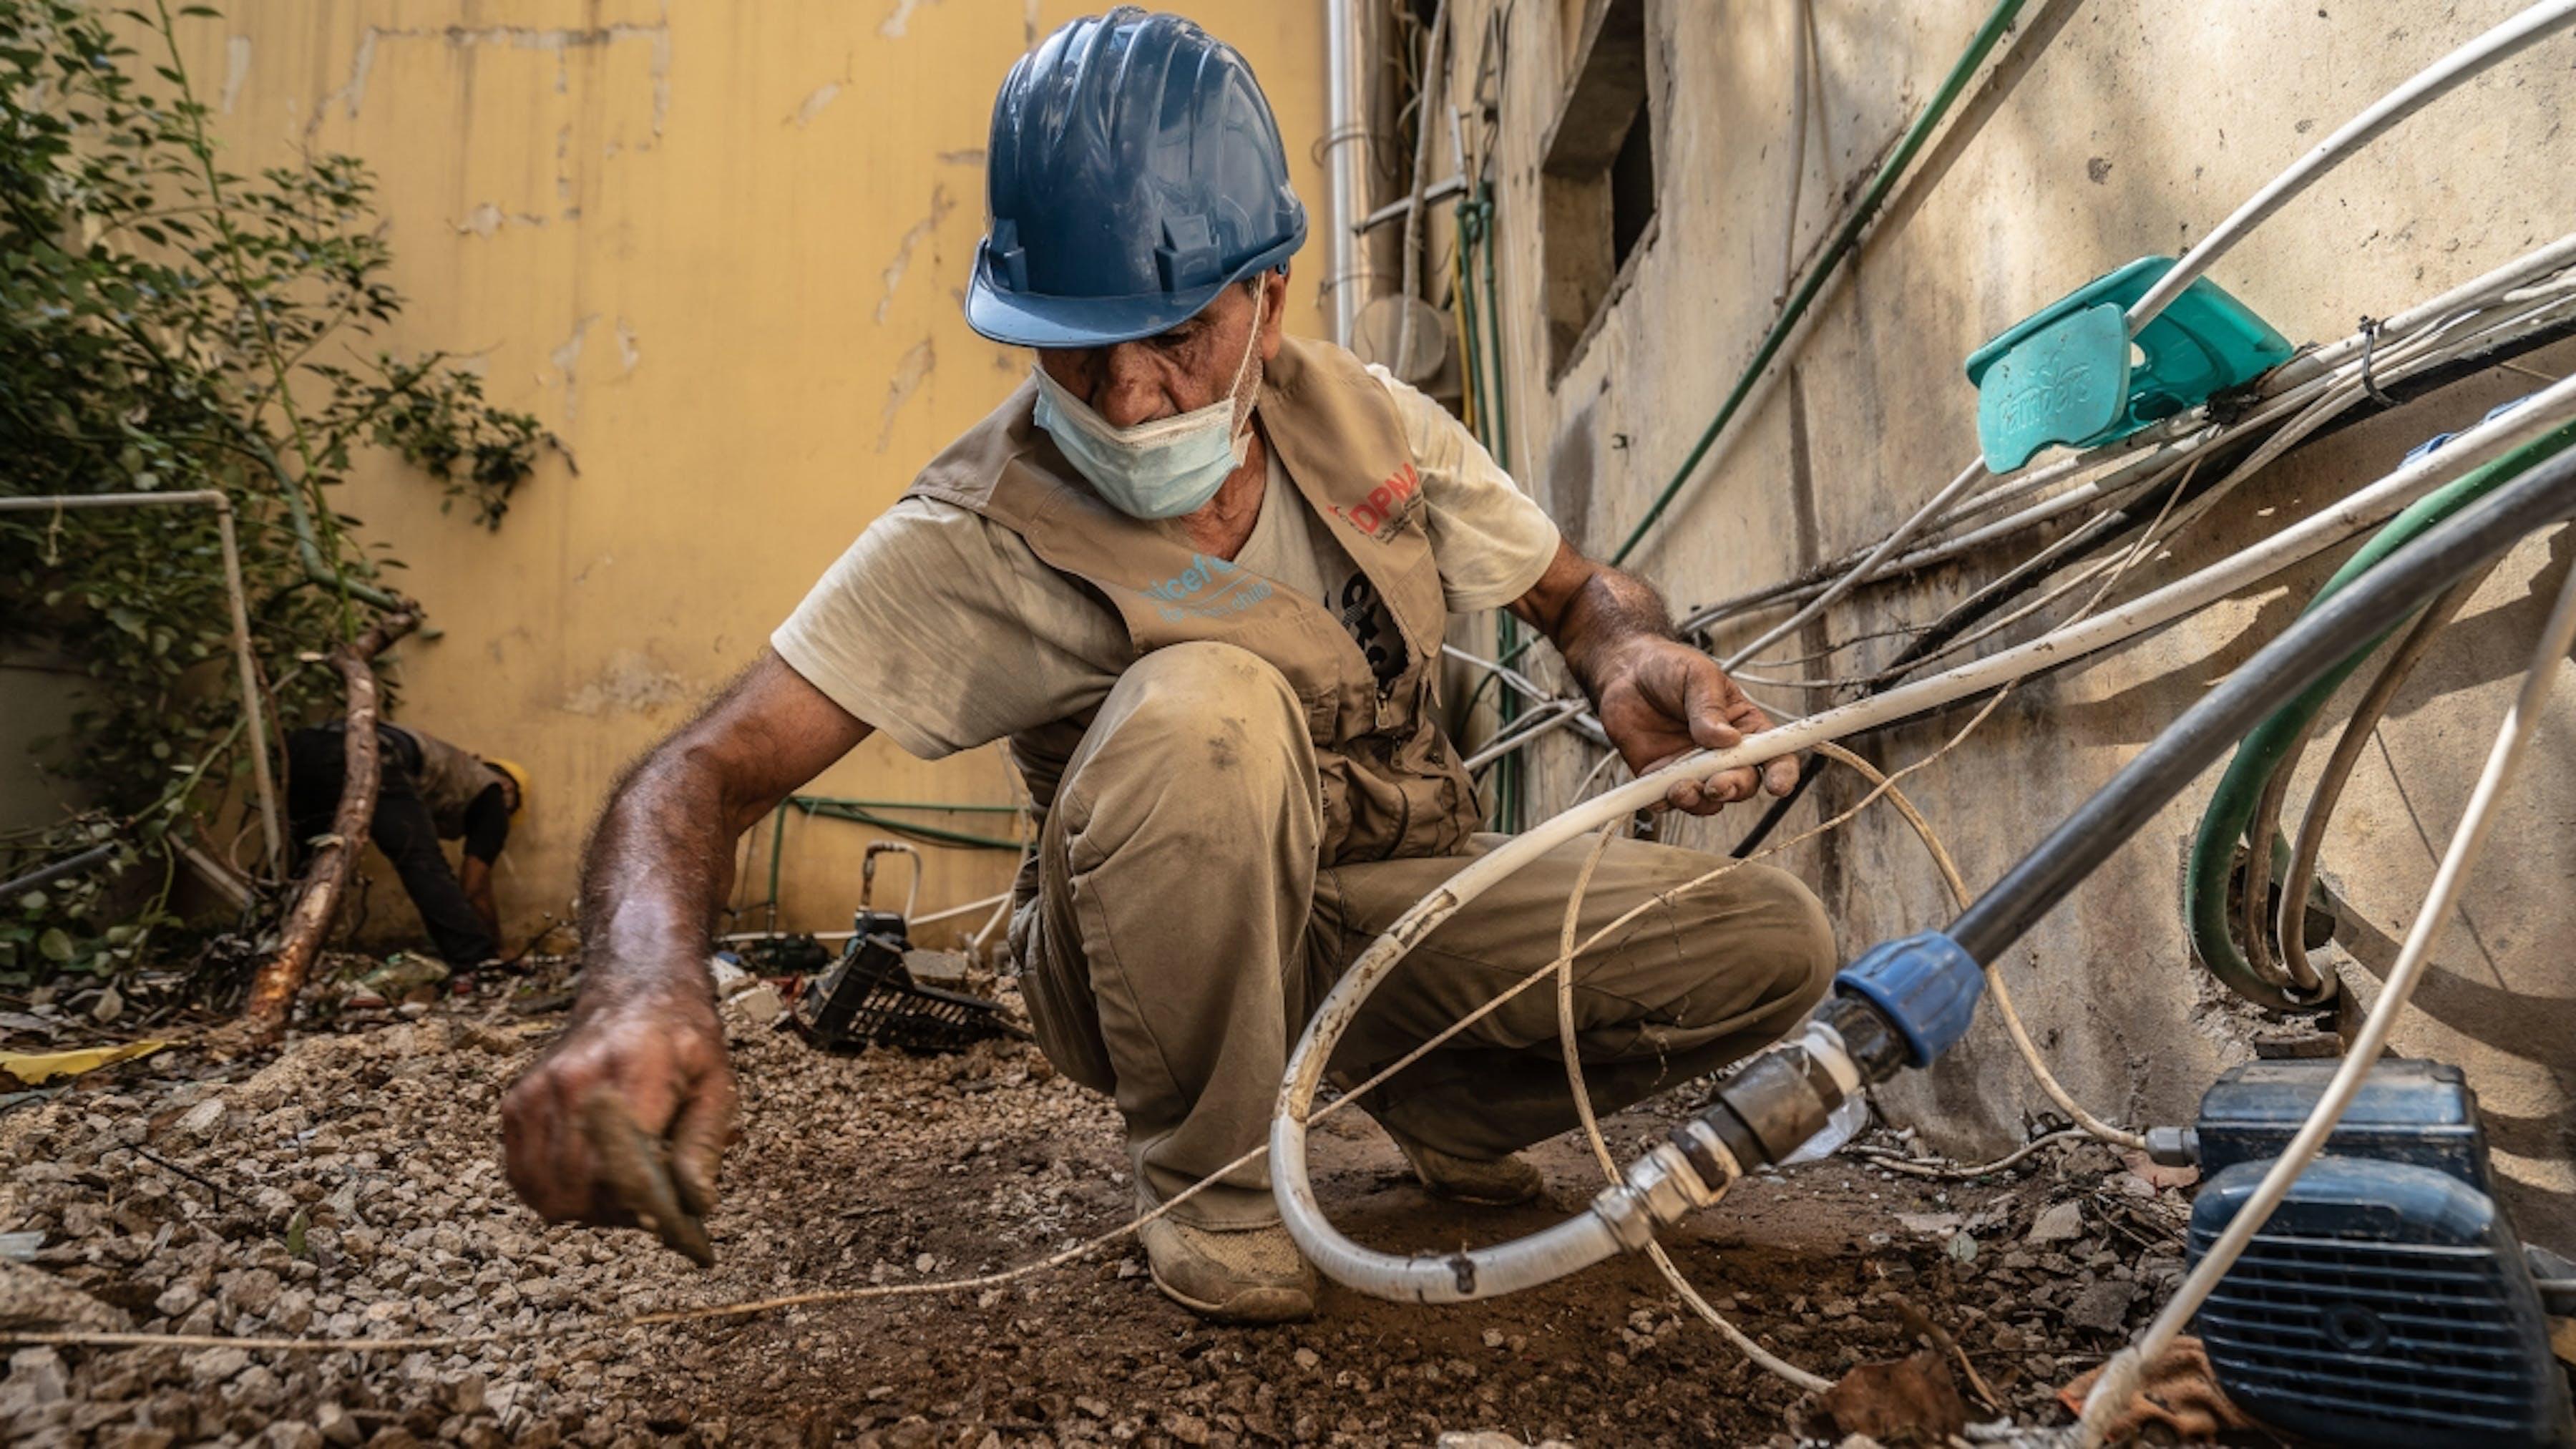 Libano, un operatore impegnato nella riparazione della rete idrica di Beirut danneggiata dalle esplosioni.